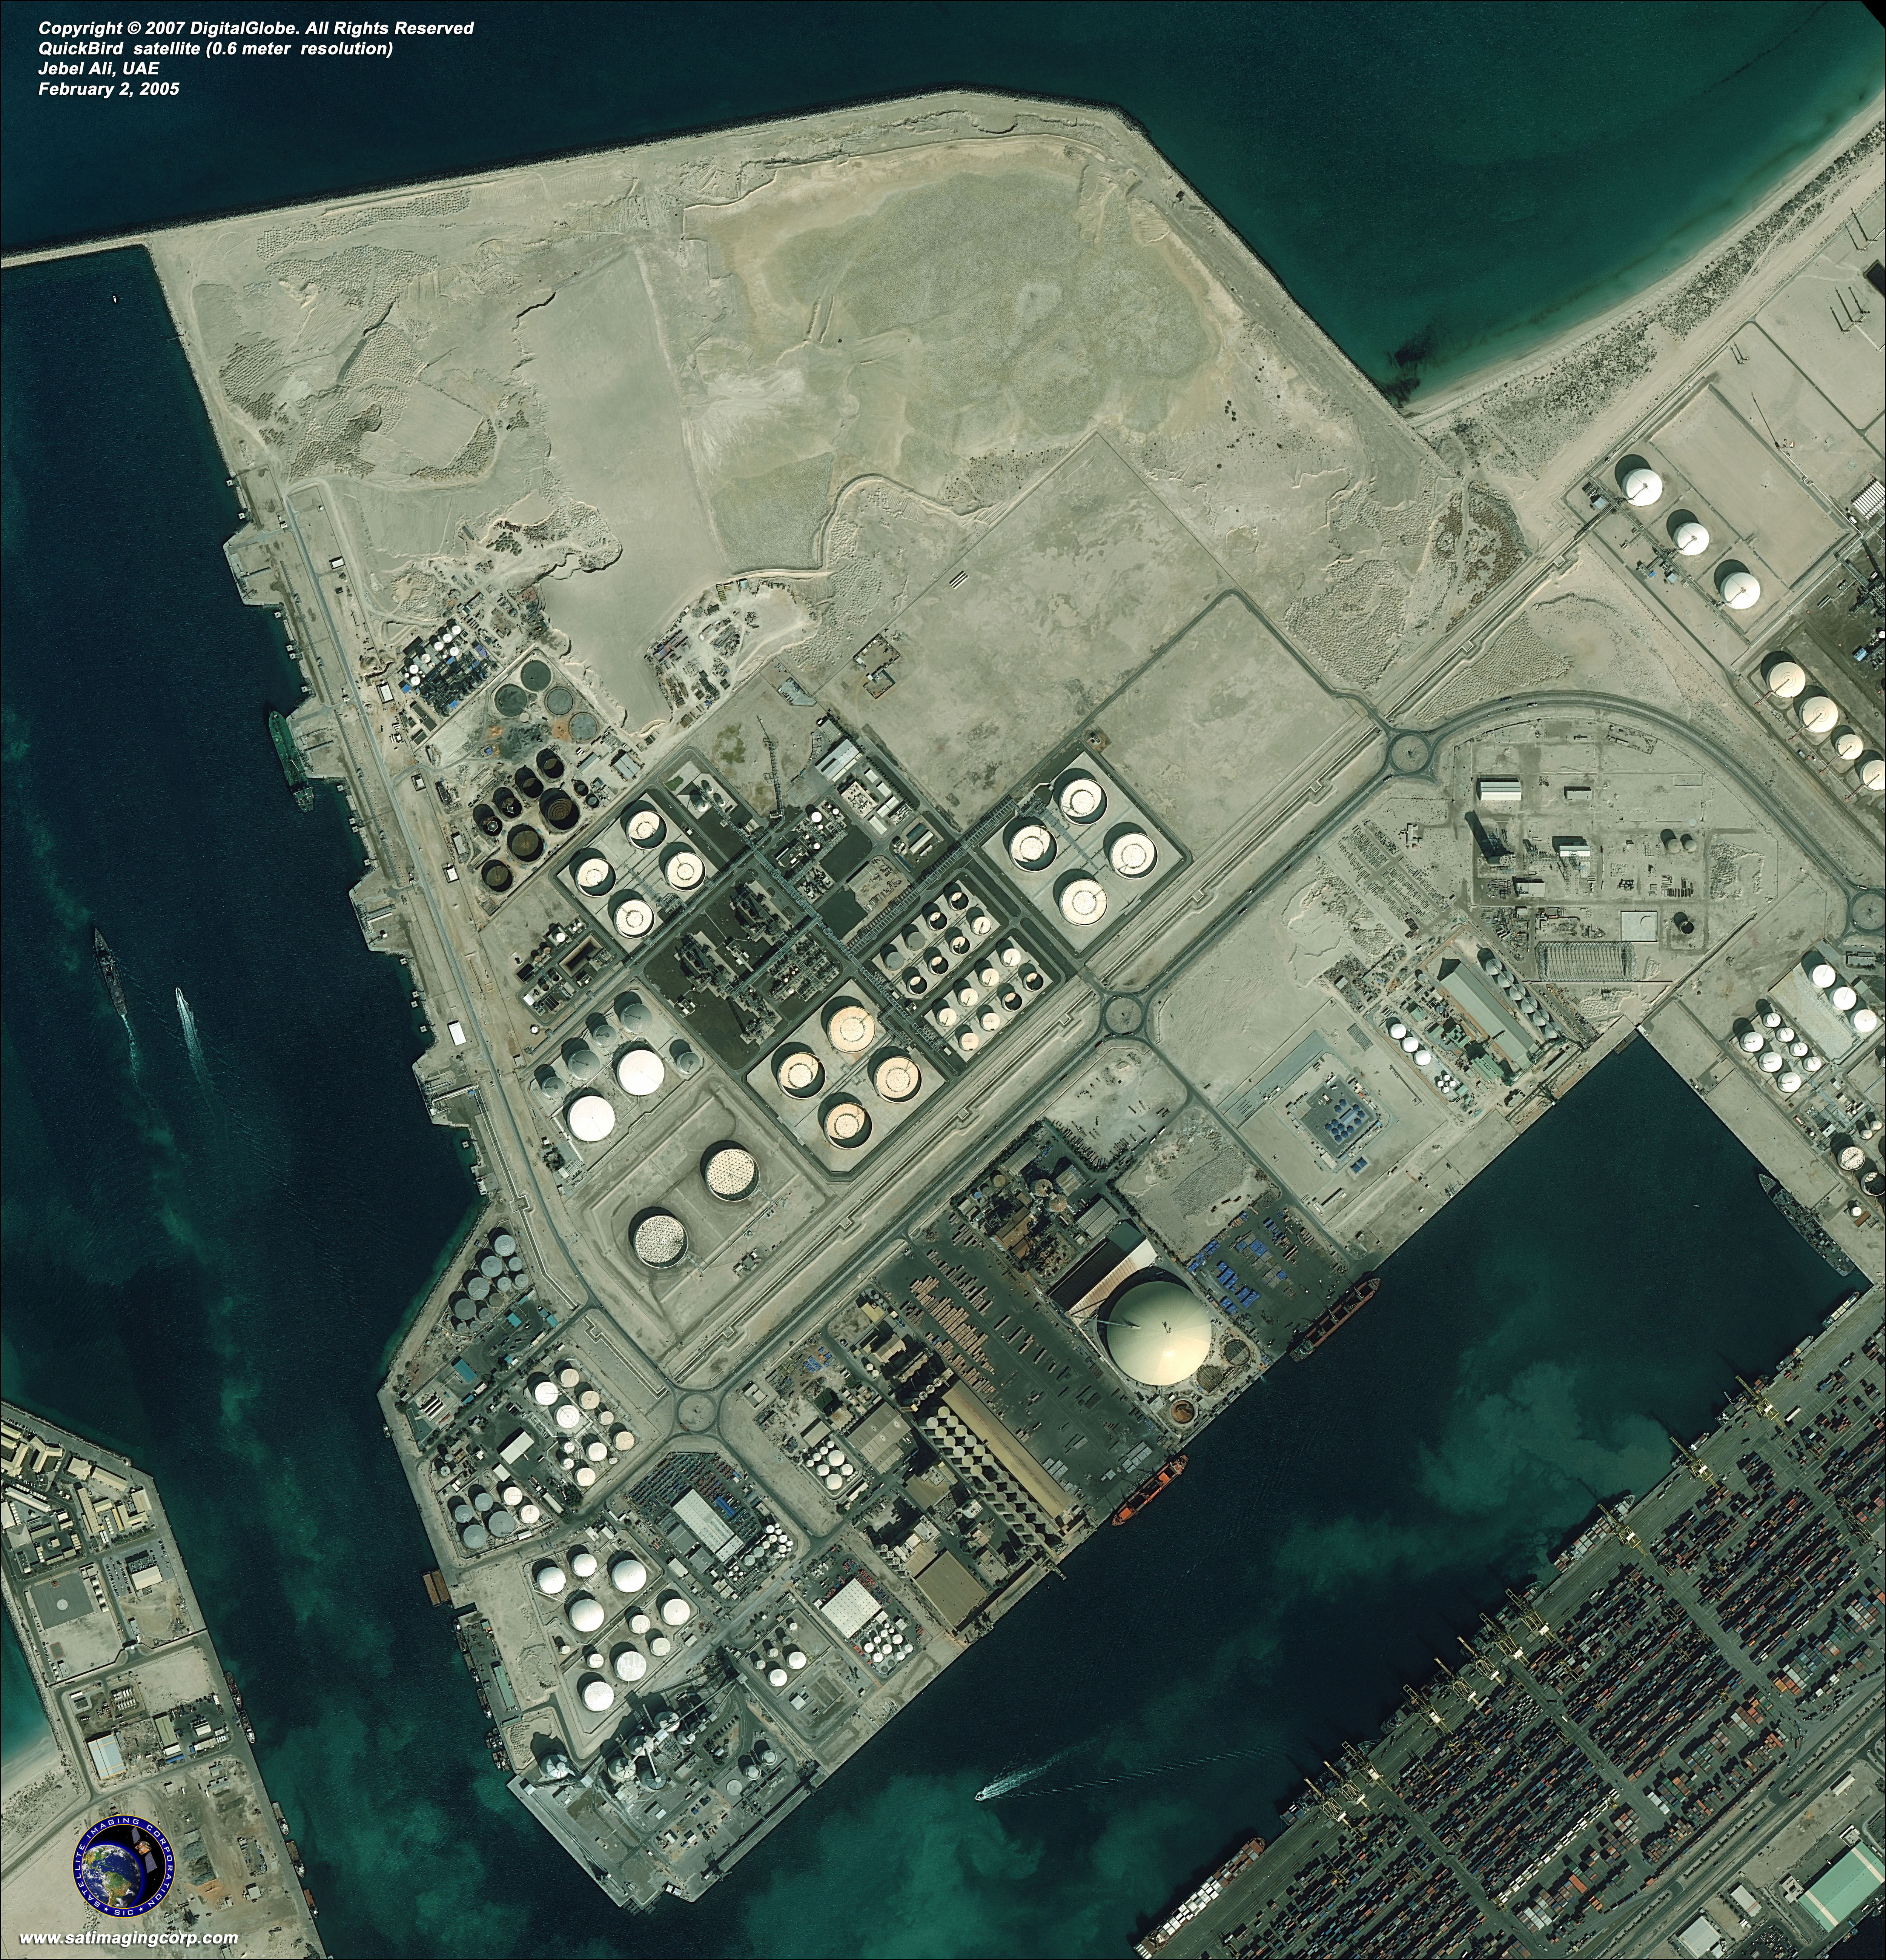 Quickbird Satellite Image Of Jebel Ali Dubai Satellite